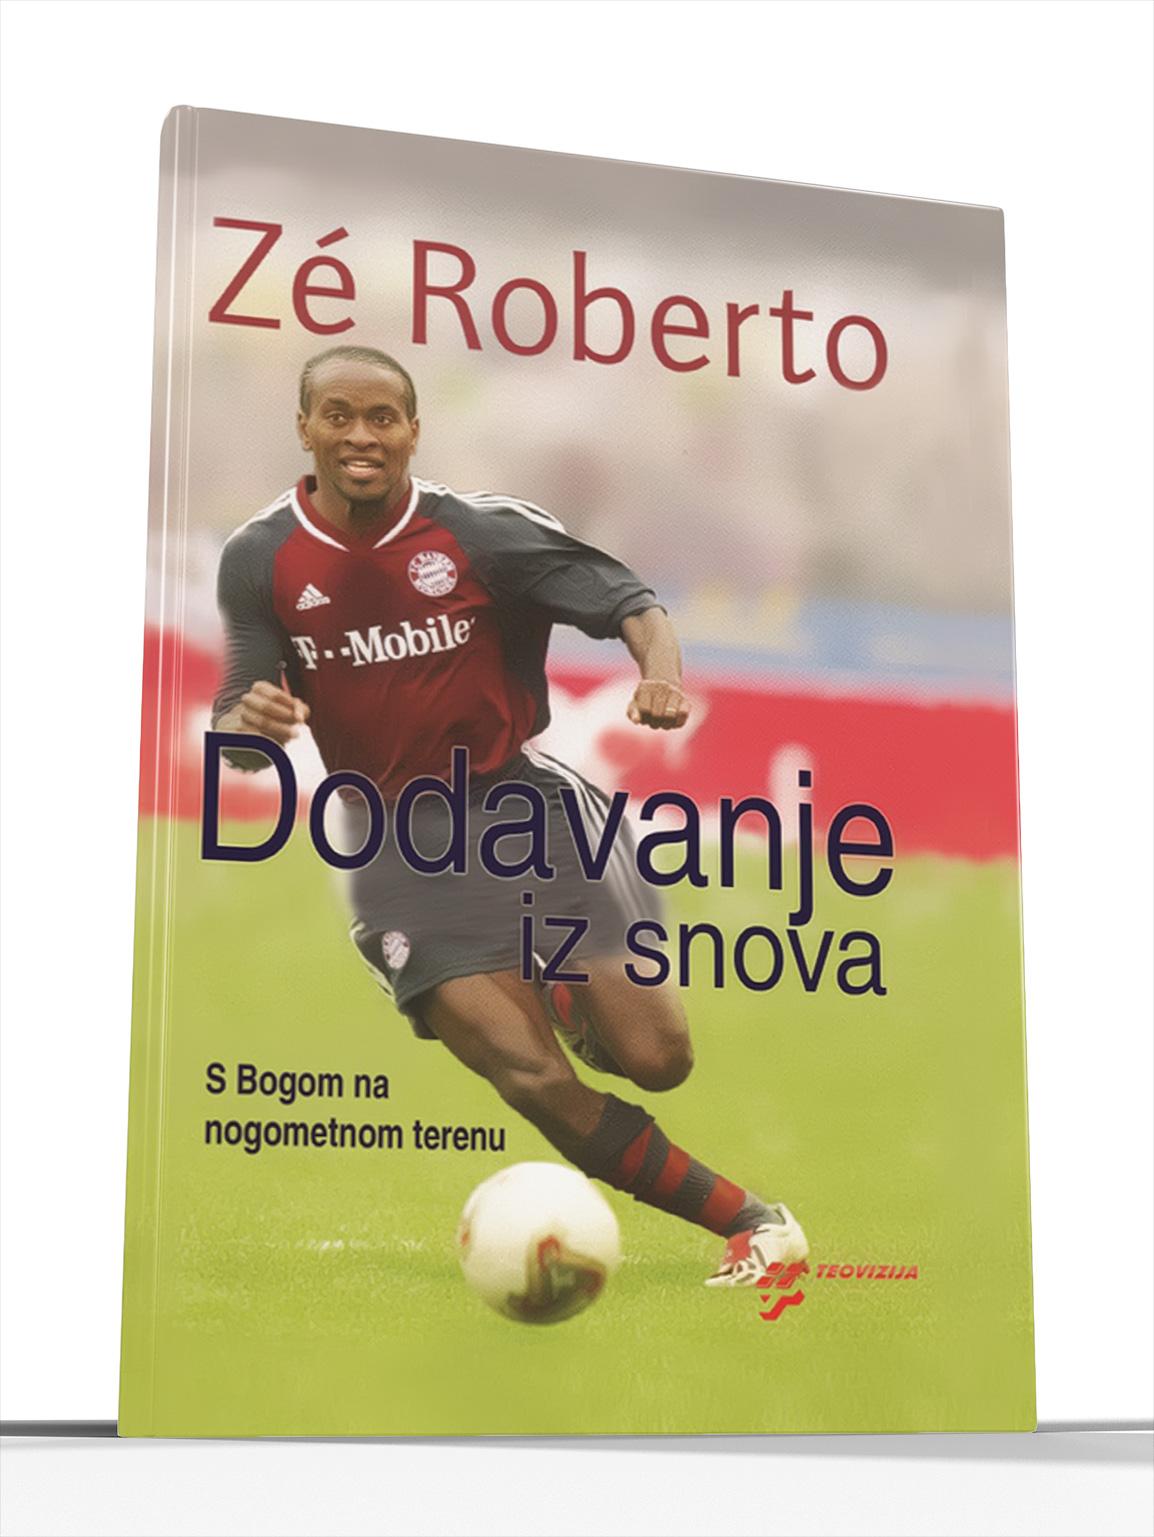 DODAVANJE IZ SNOVA - Zé Roberto